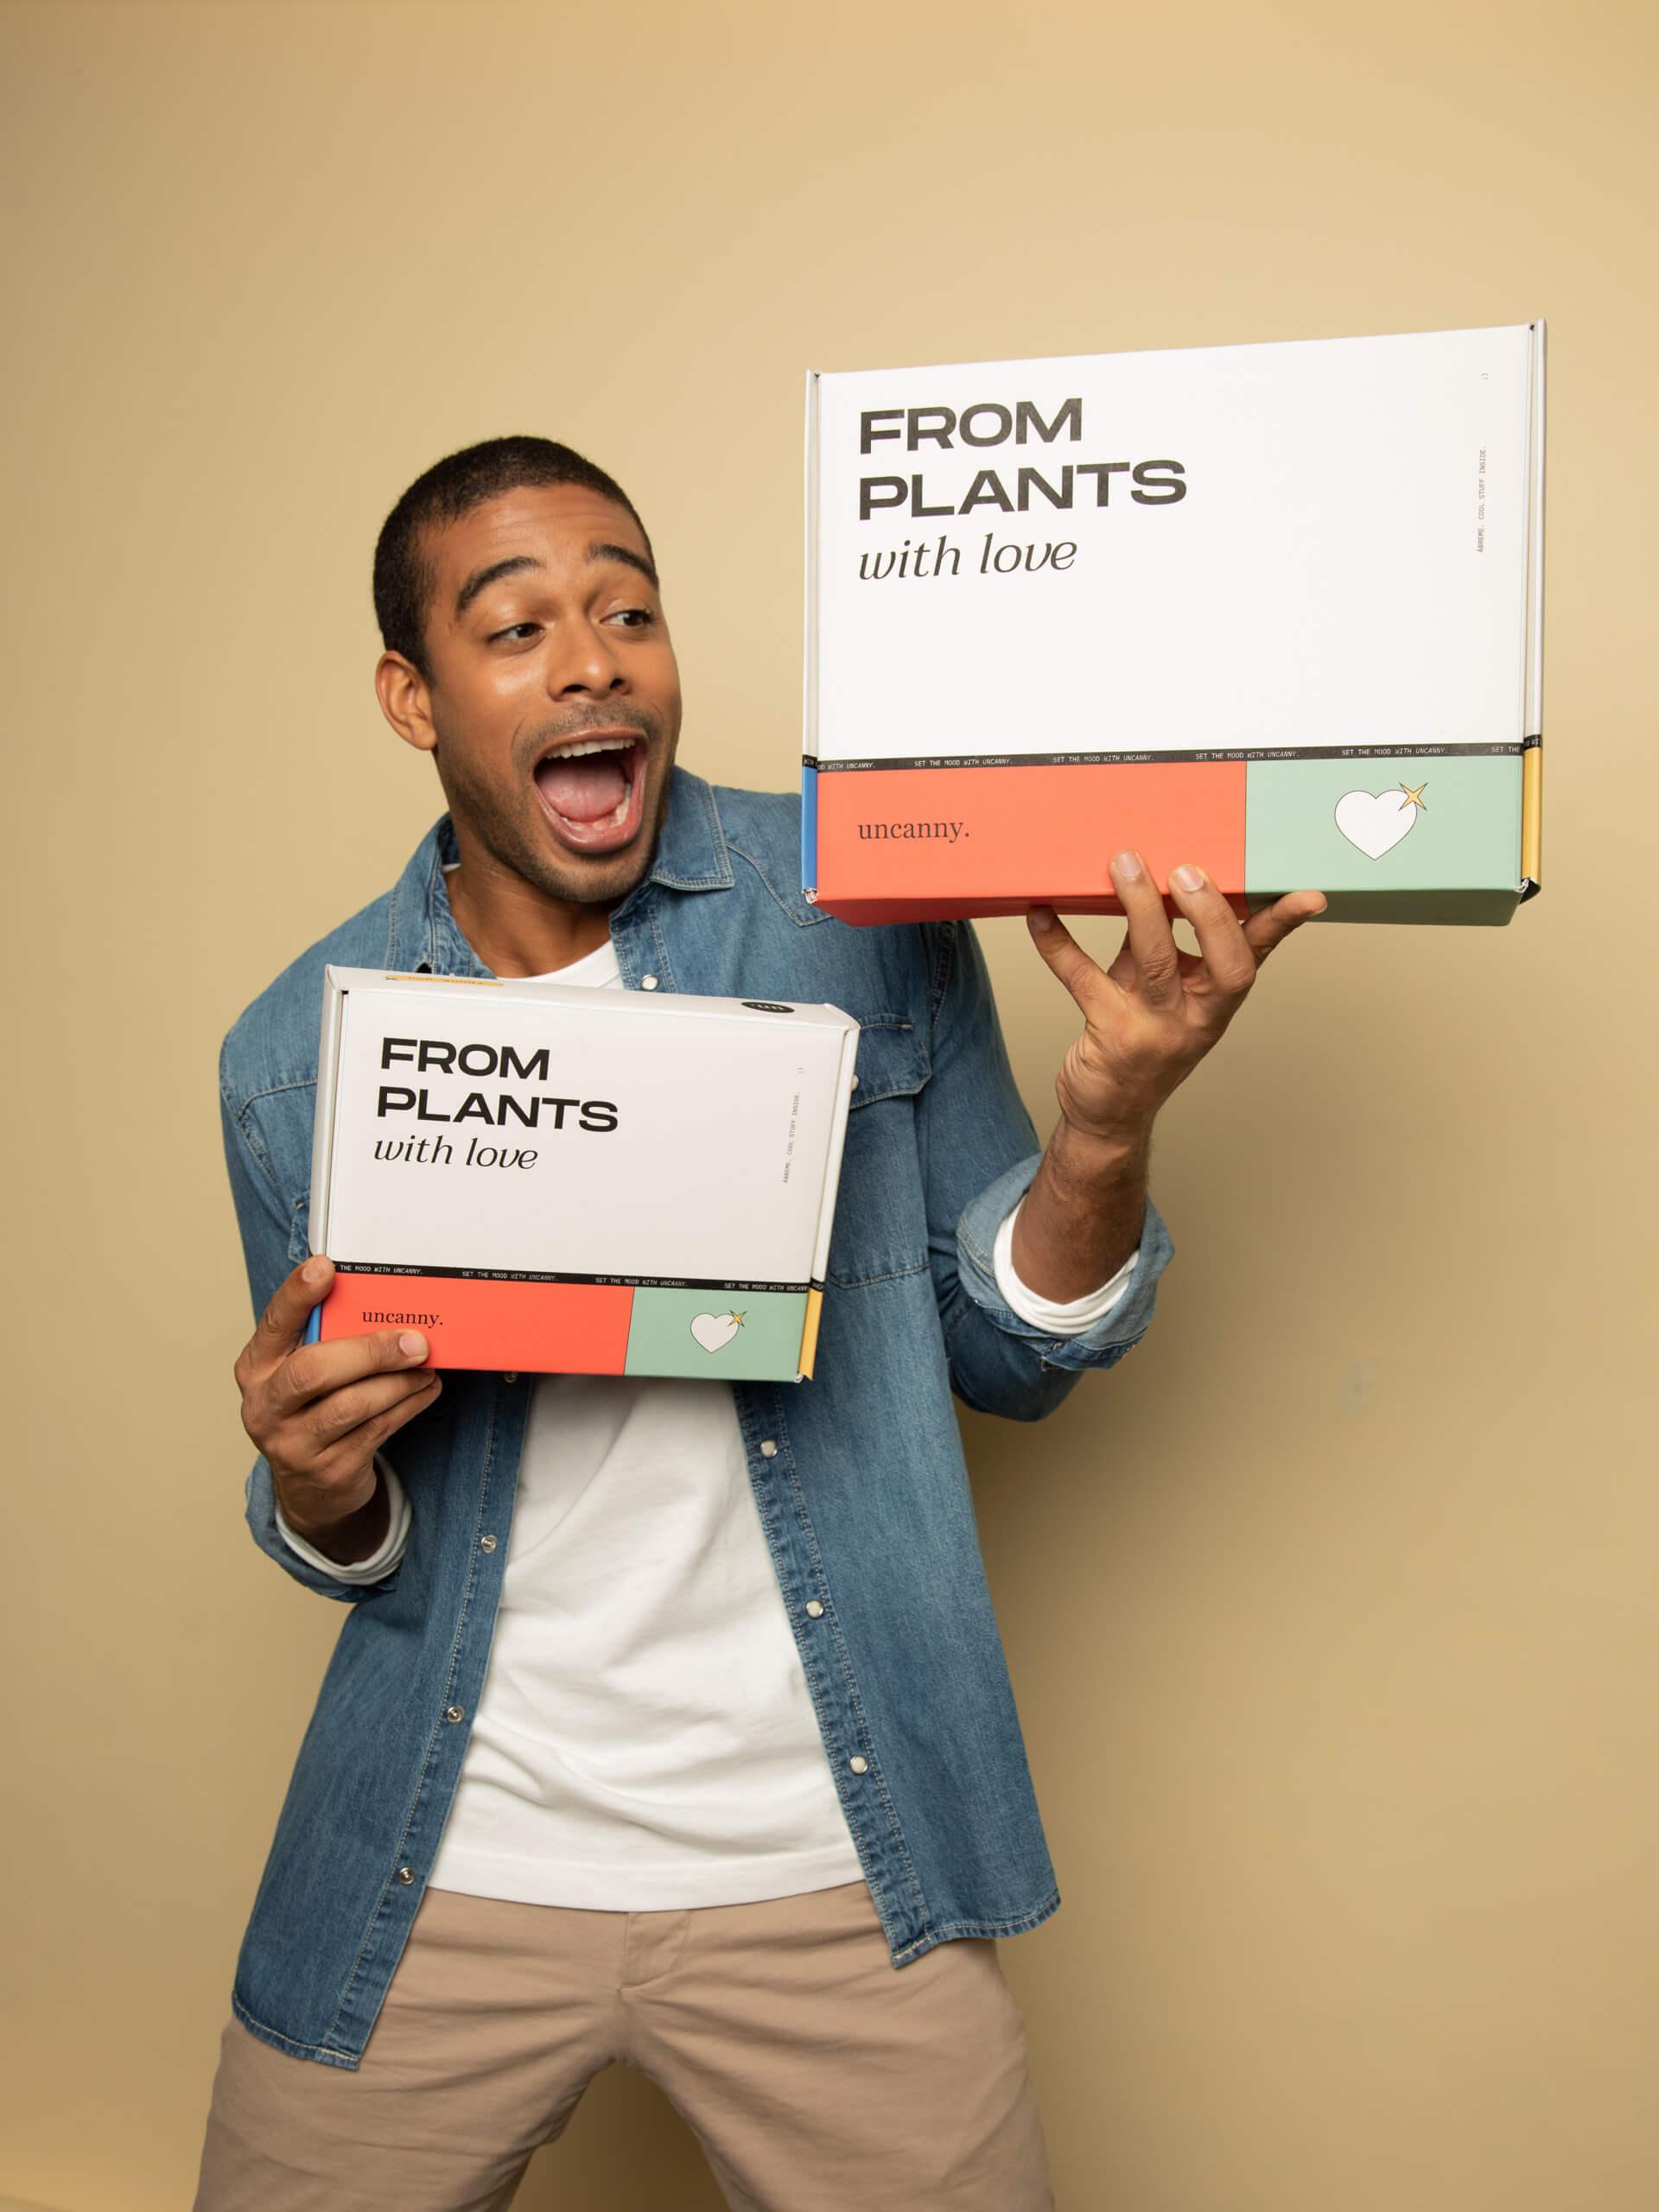 Un chico sostiene varias cajas coloridas